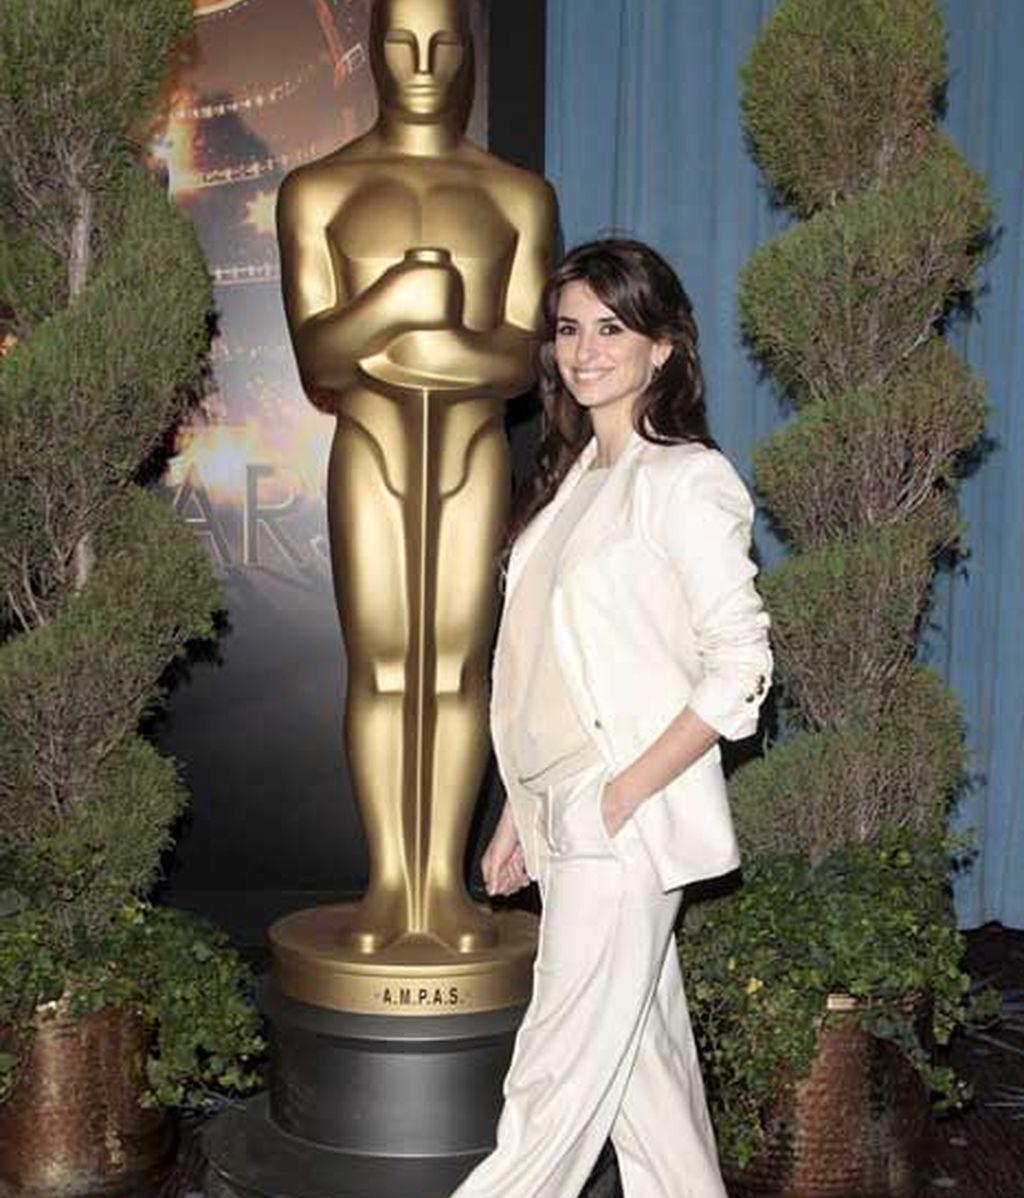 Pe asiste a la comida con los candidatos a los Oscar